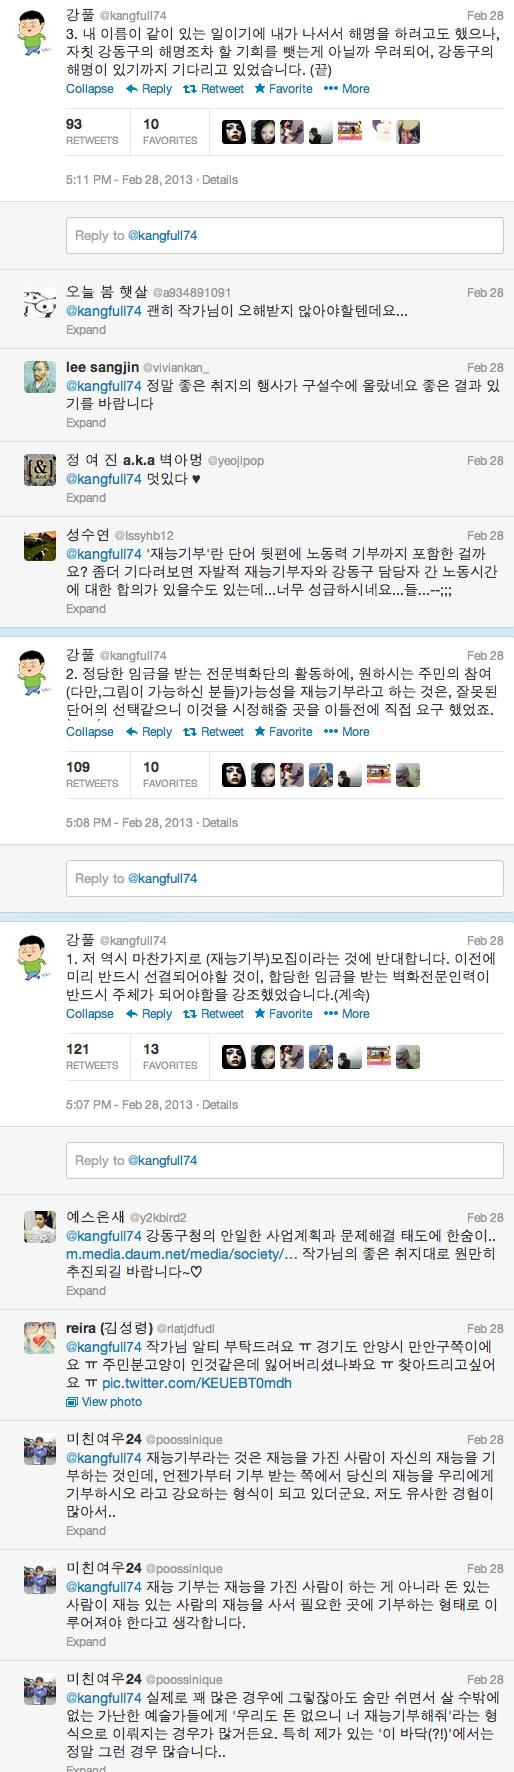 9. 2월 28일 오후, 만화가 강풀씨가 해당 이슈에 대한 자초지종을 설명